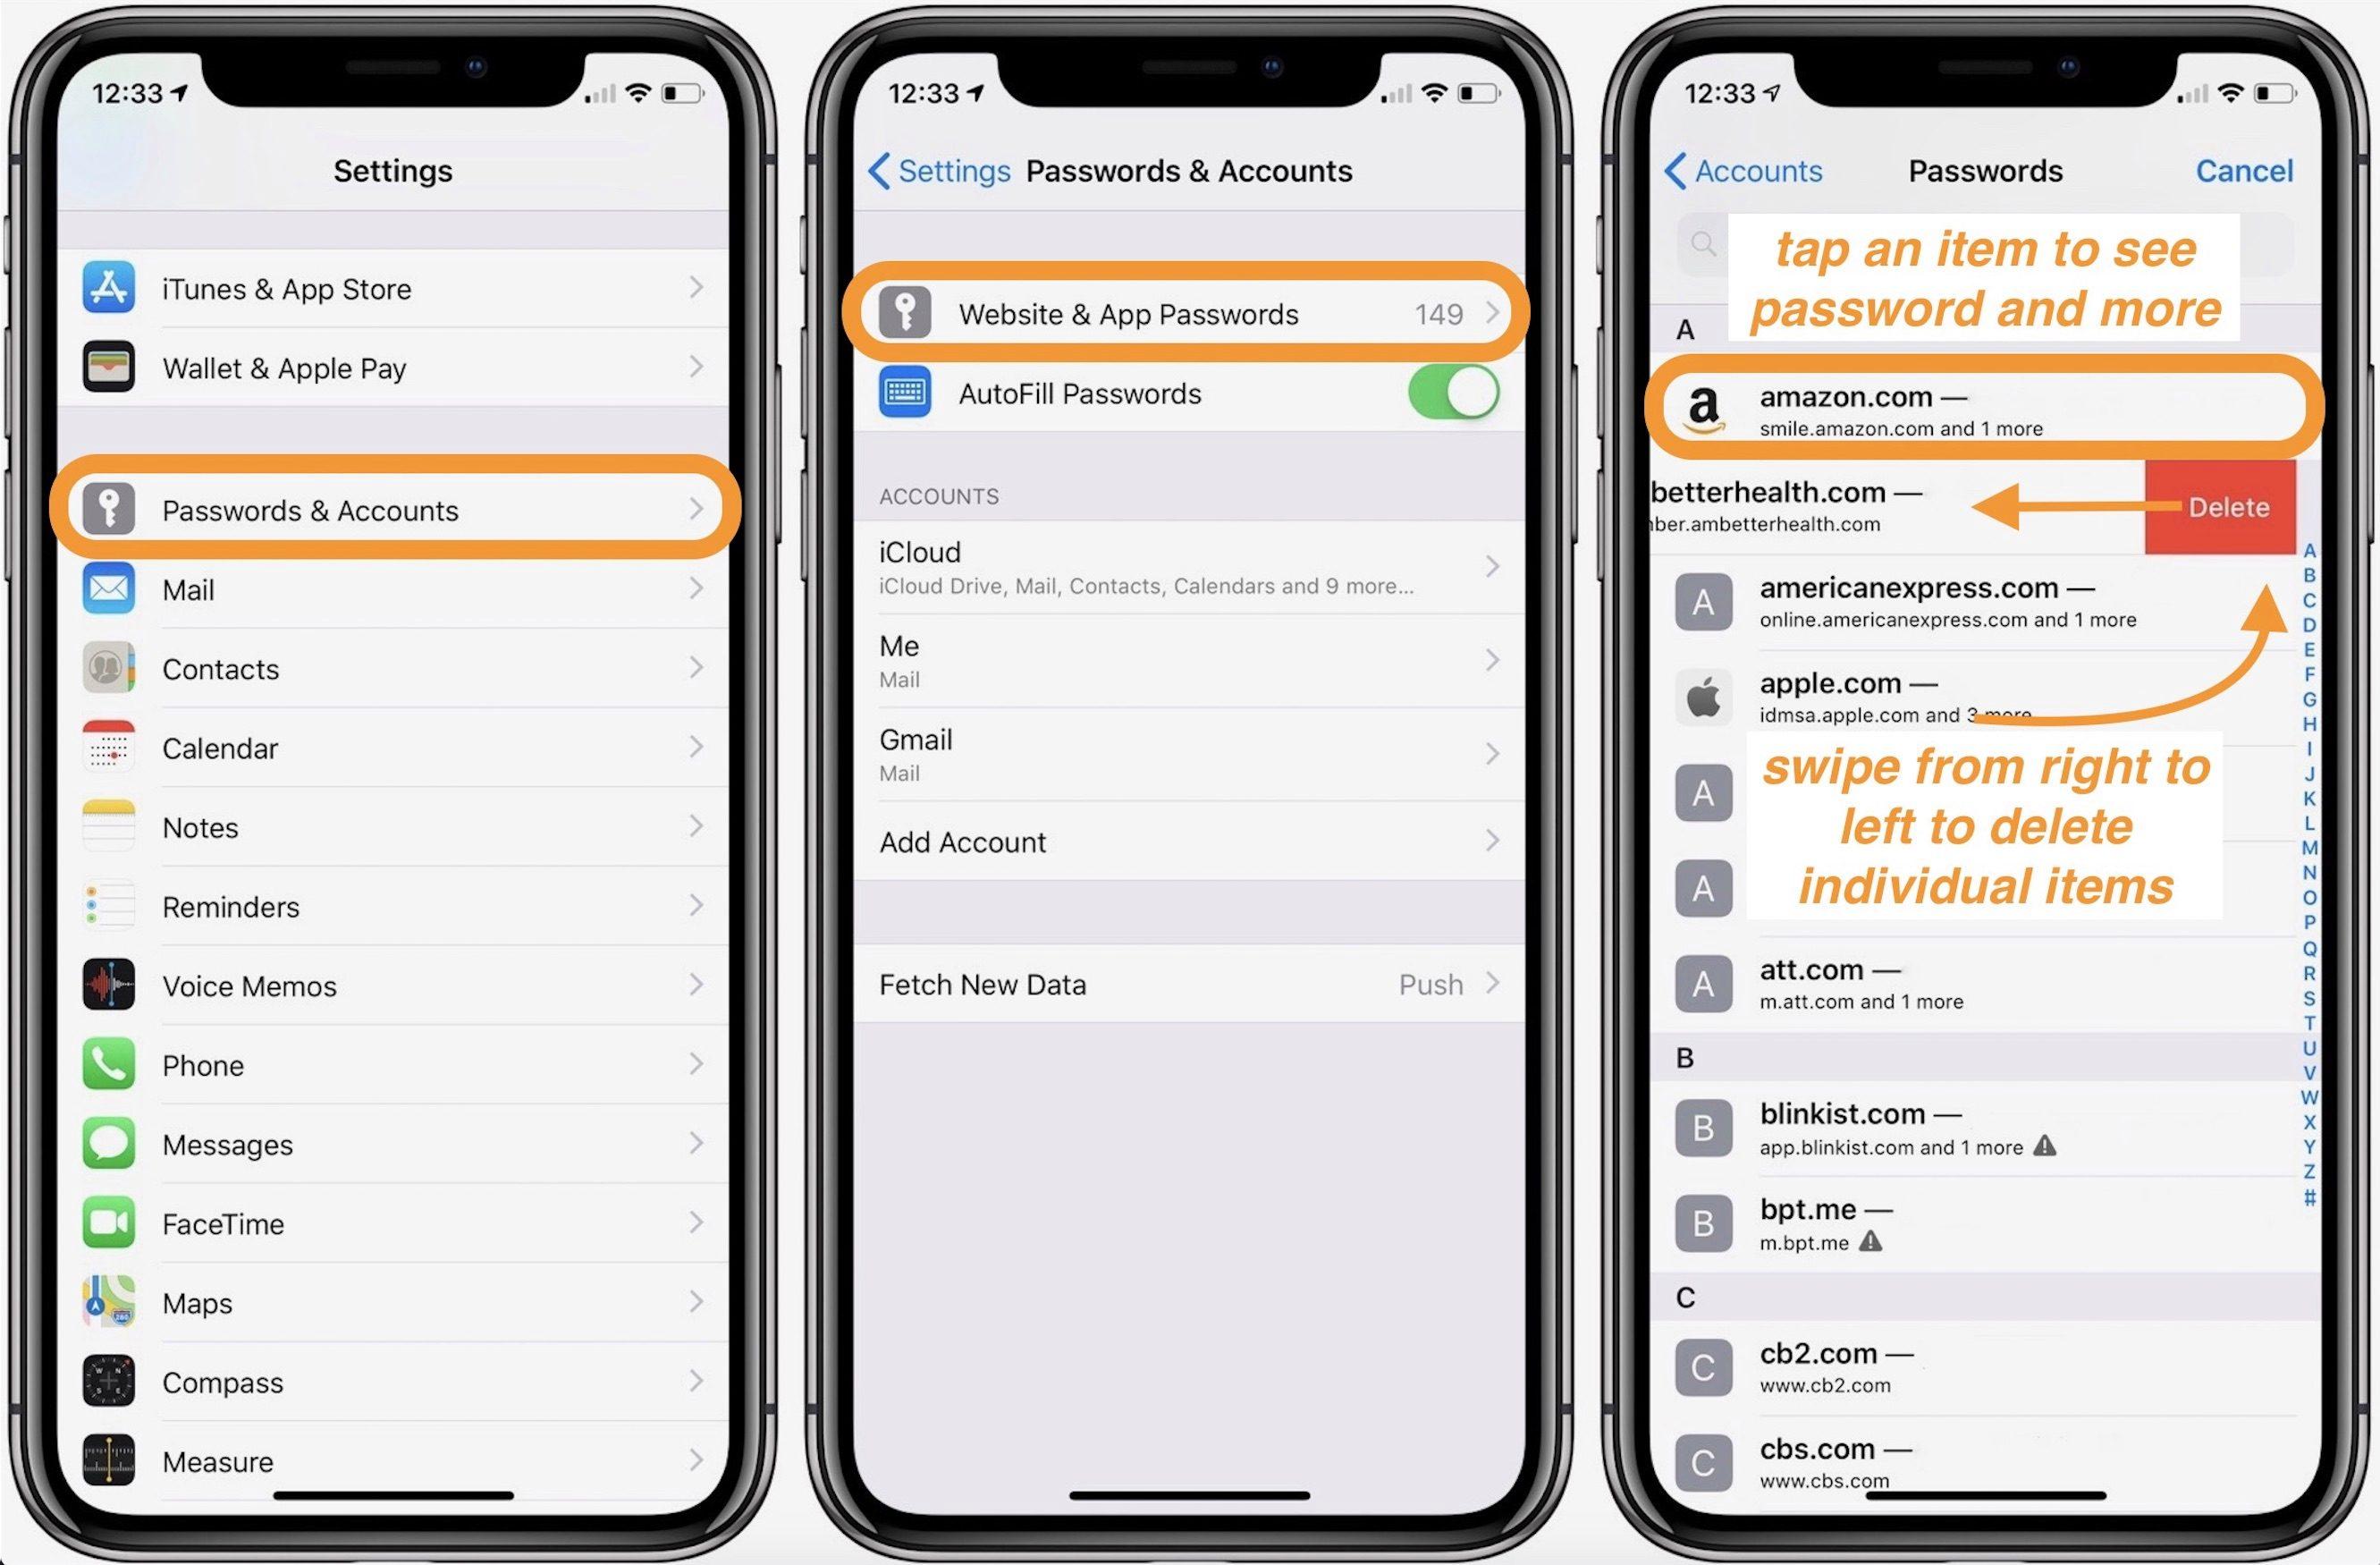 """<span href=""""https://9to5mac.com/2018/08/07/iphone-ipad-how-to-view-passwords-saved-safari/"""">iPhone & iPad: Cómo ver y editar contraseñas guardadas con Safari</a>"""